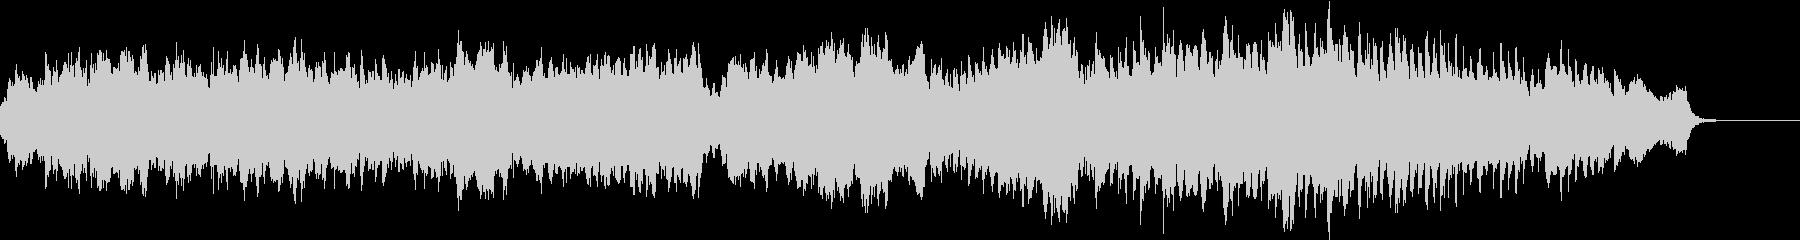 のろまなBGM 動物の謝肉祭 亀 前奏無の未再生の波形